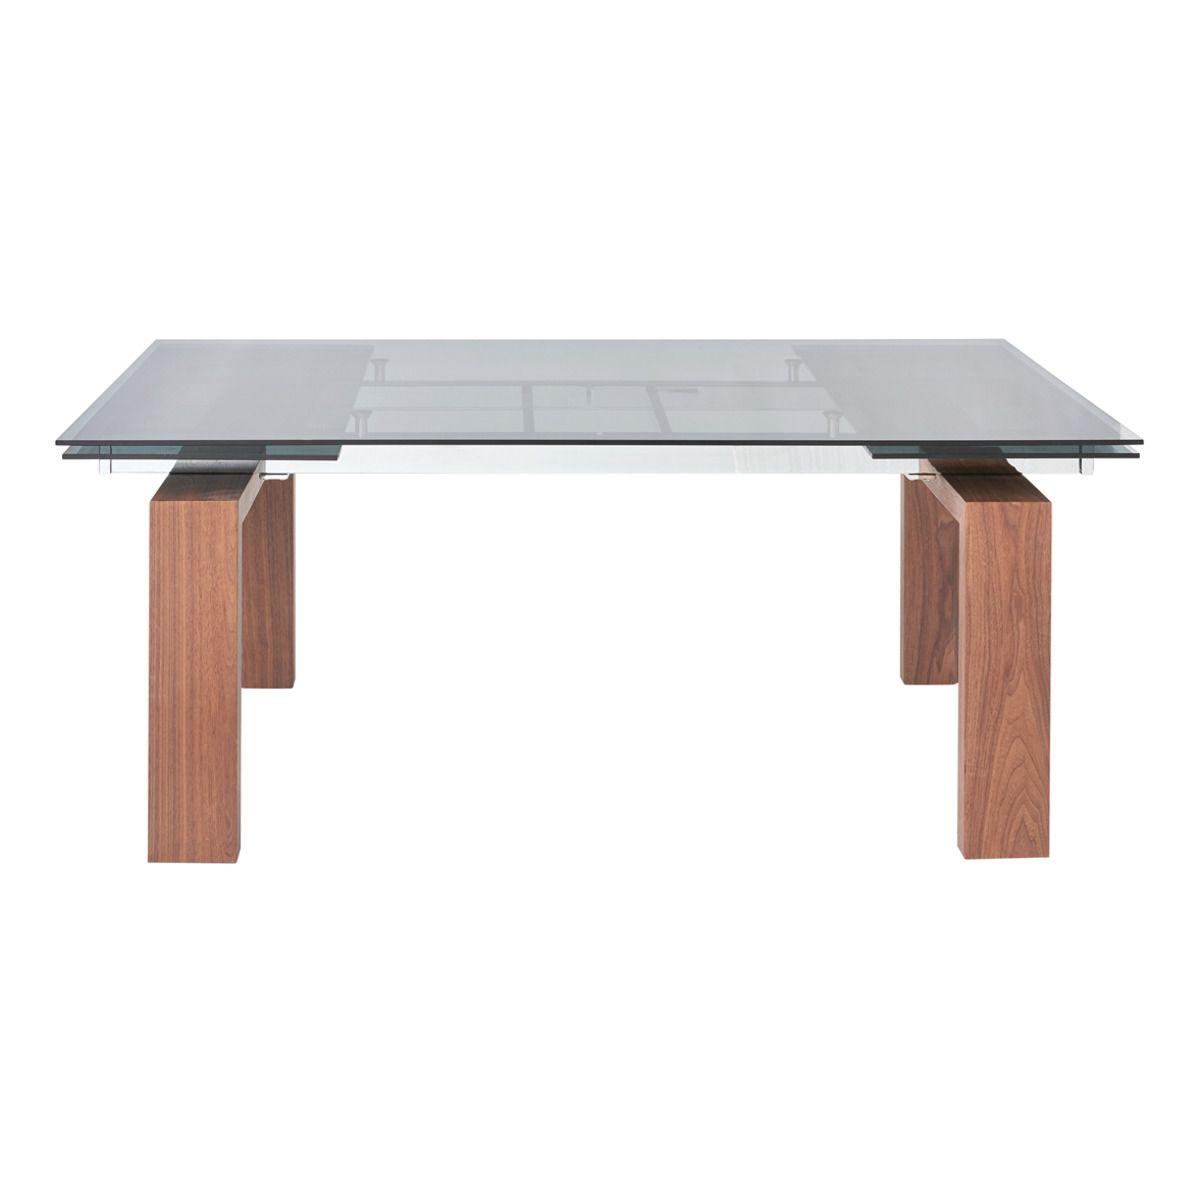 Mesa de comedor extensible de madera y cristal Qubic | mesas comedor ...